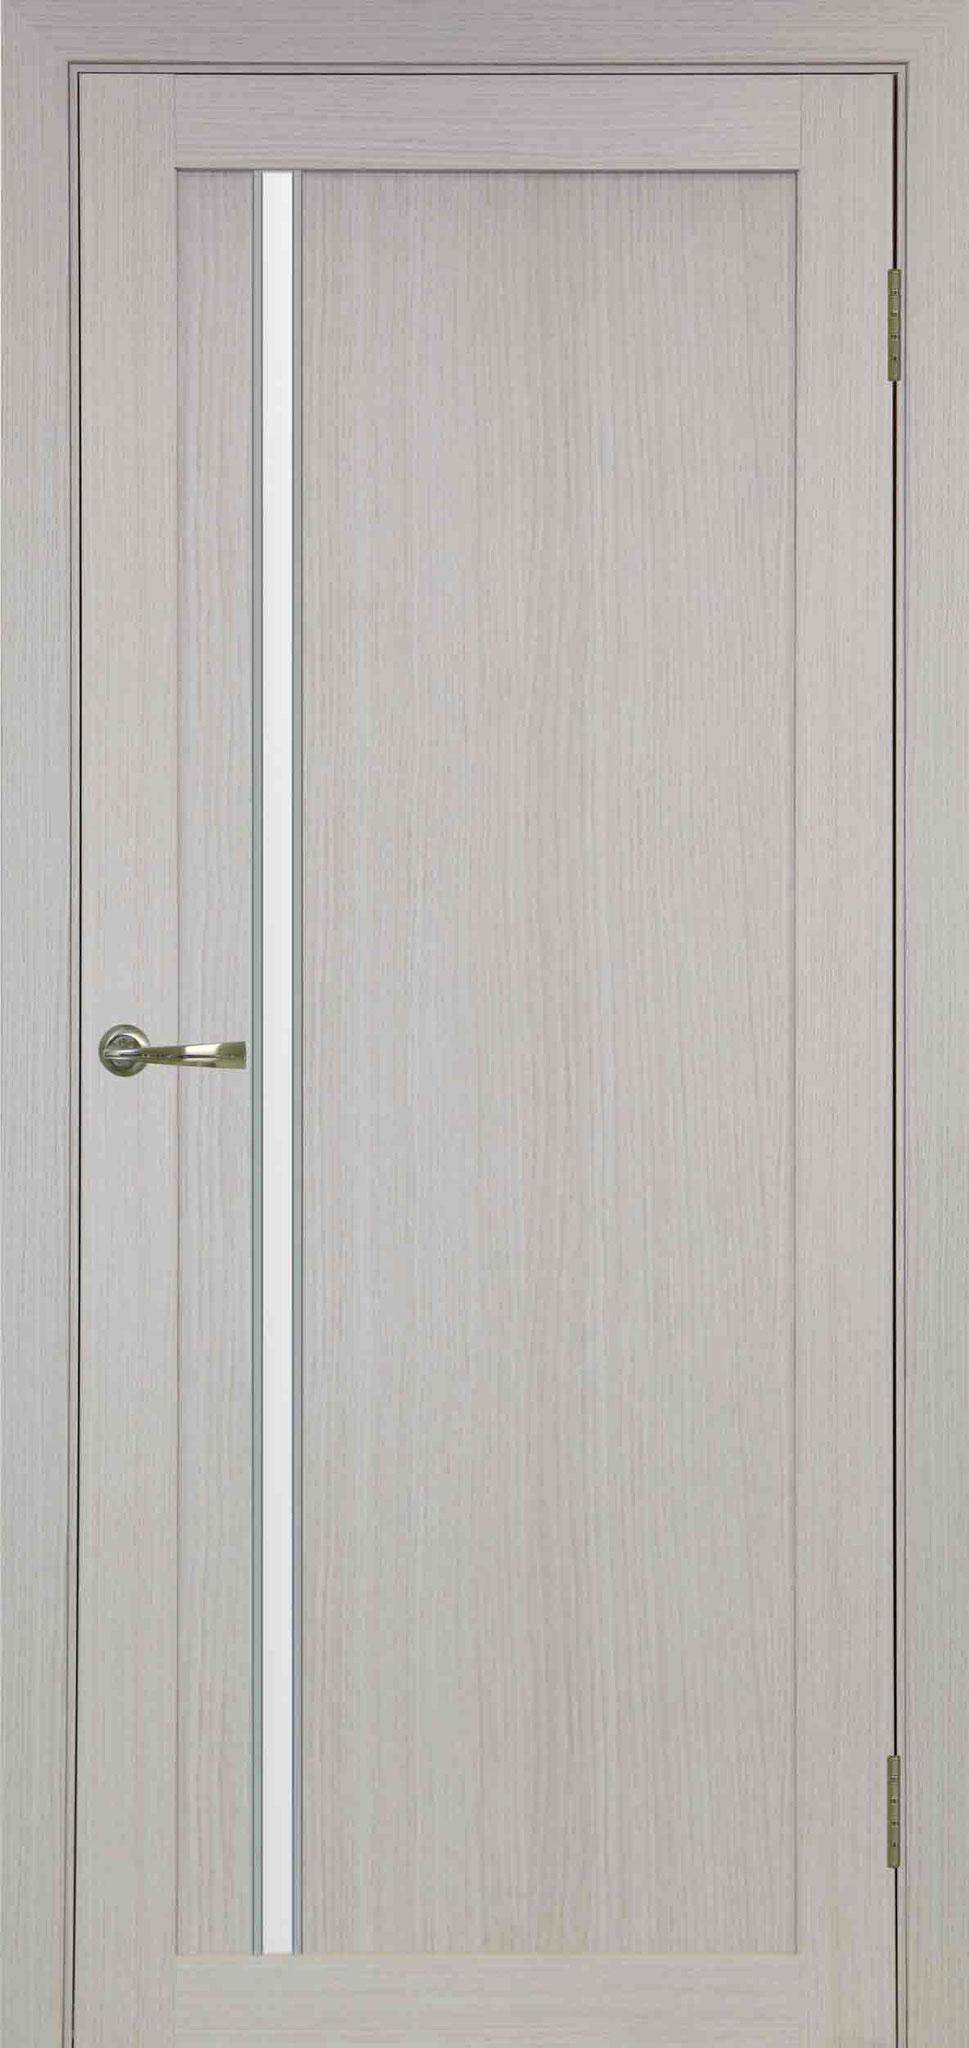 527 белёный дуб, АПС молдинг матовый хром, стекло сатин белое